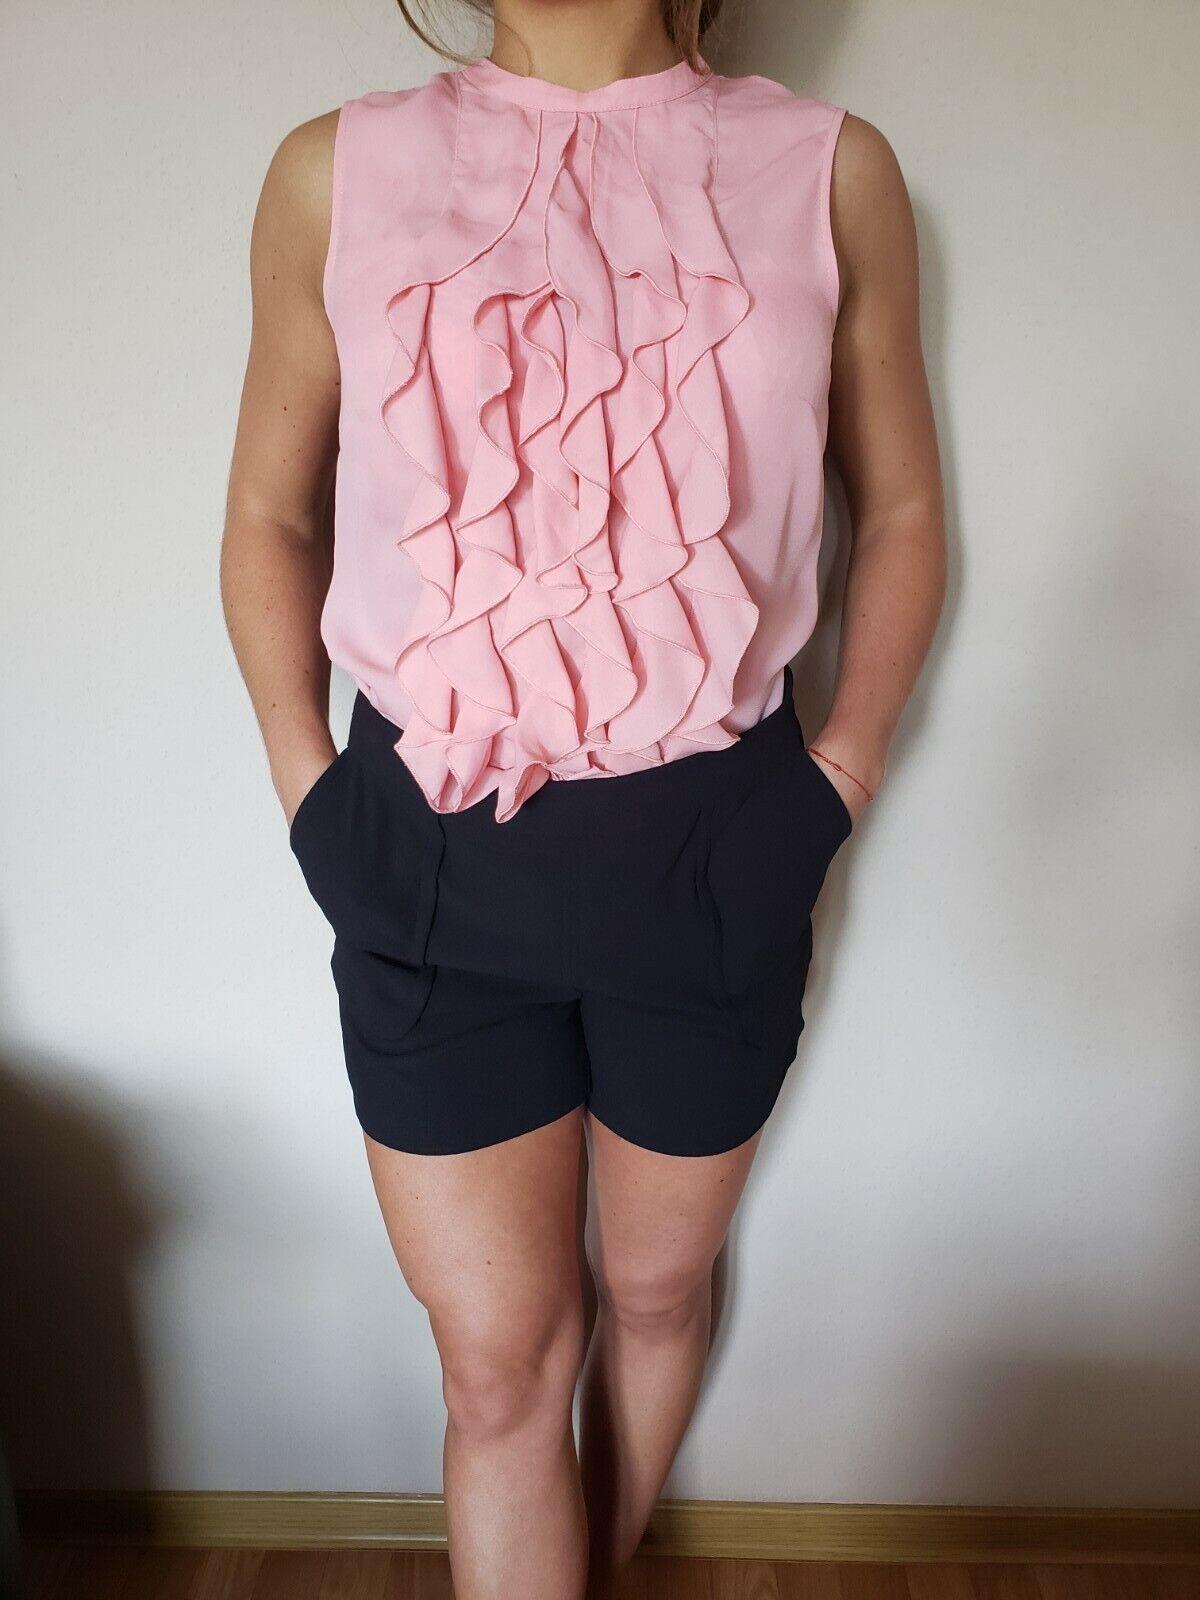 Damen Outfit: Kurze Hose mit Seitentaschen, Promod,Gr.S + Bluse, H&M Gr. 36